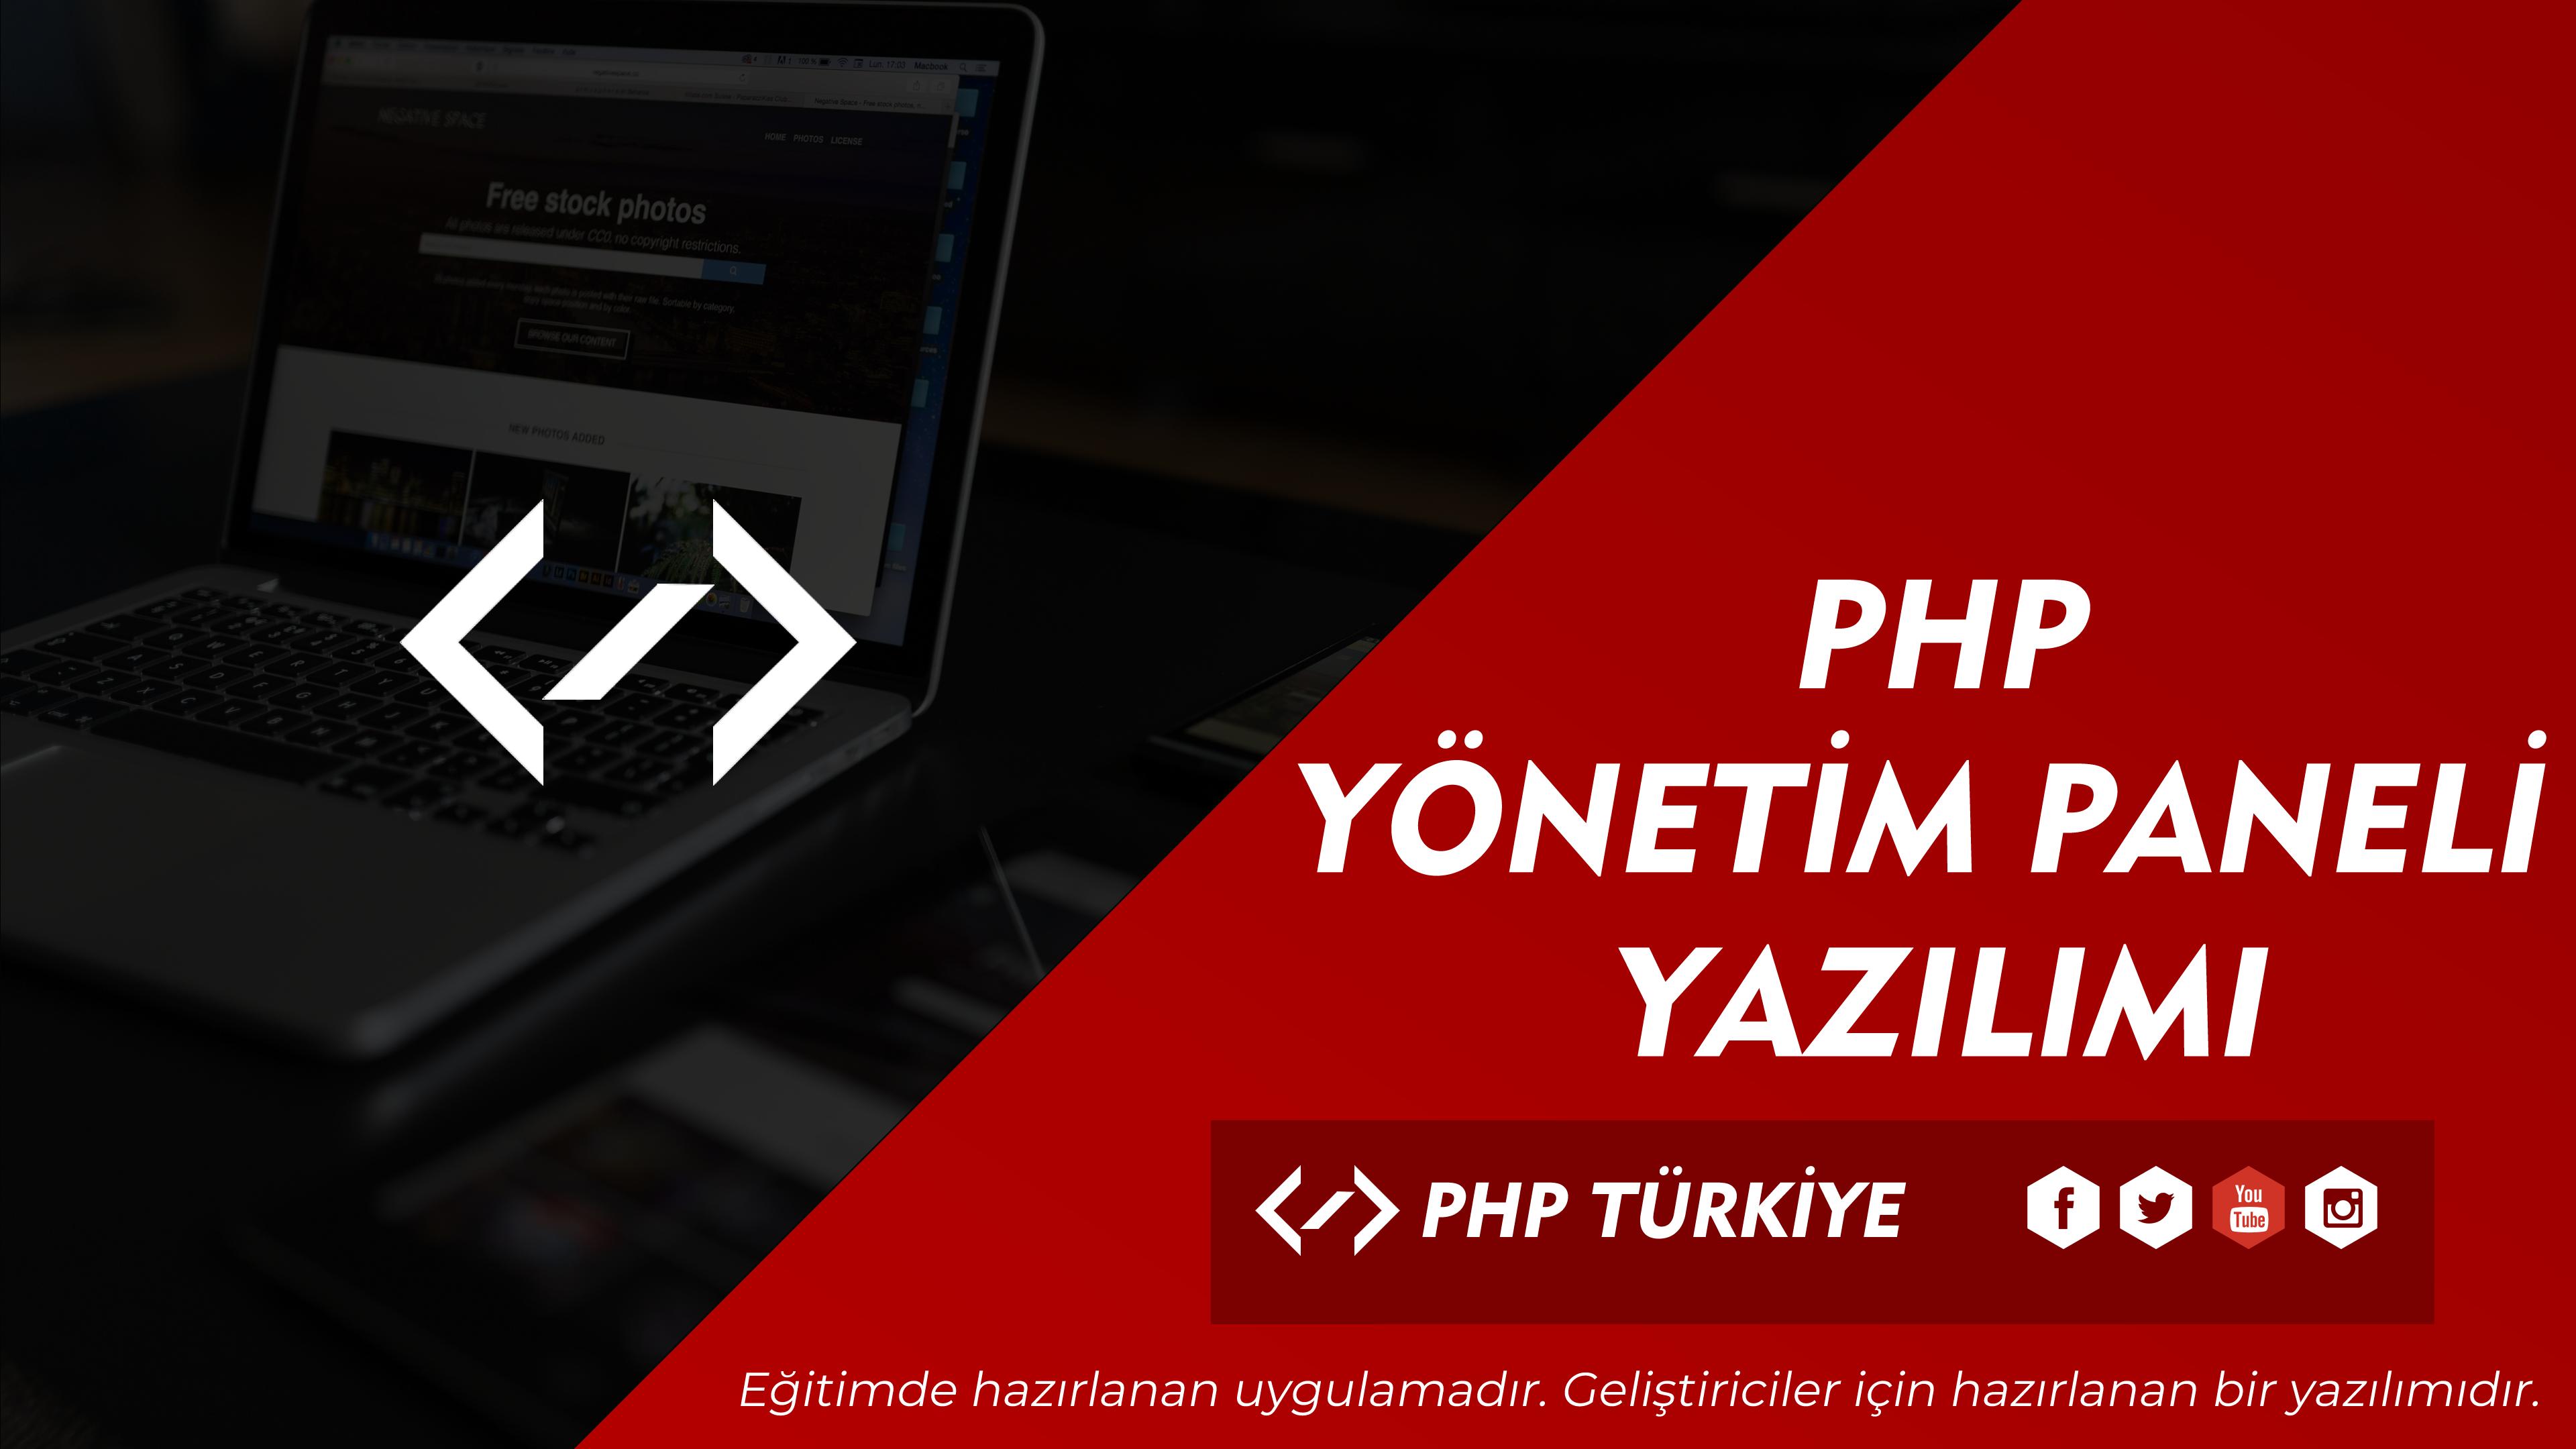 PHP Yönetim Paneli Yazılımı